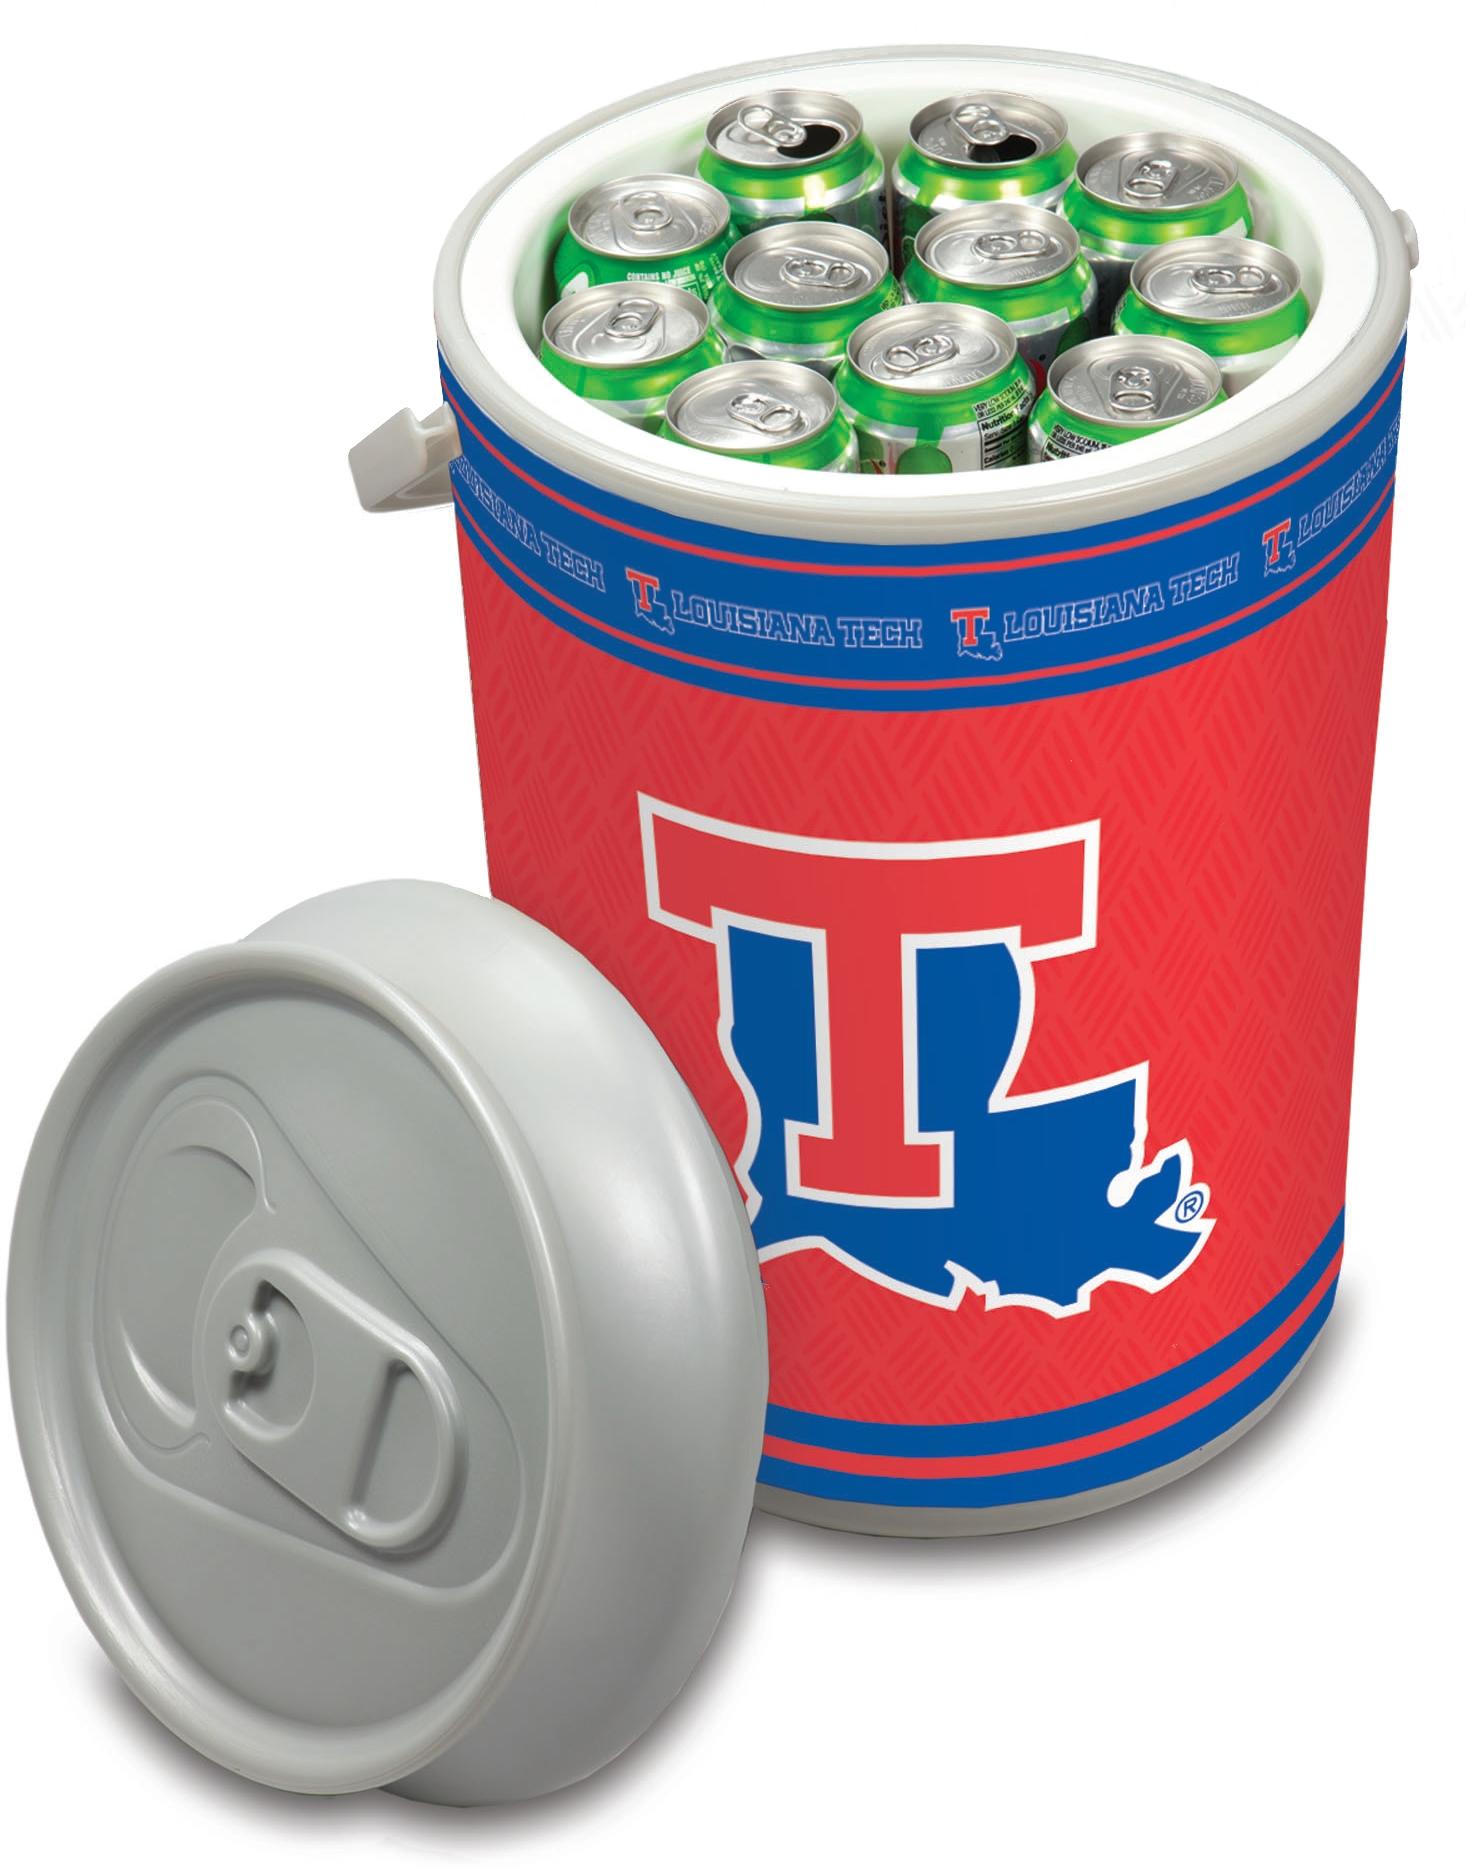 Picnic Time Louisiana Tech University Bulldogs Mega Can NCAA Insulated Cooler, 5 Gallon